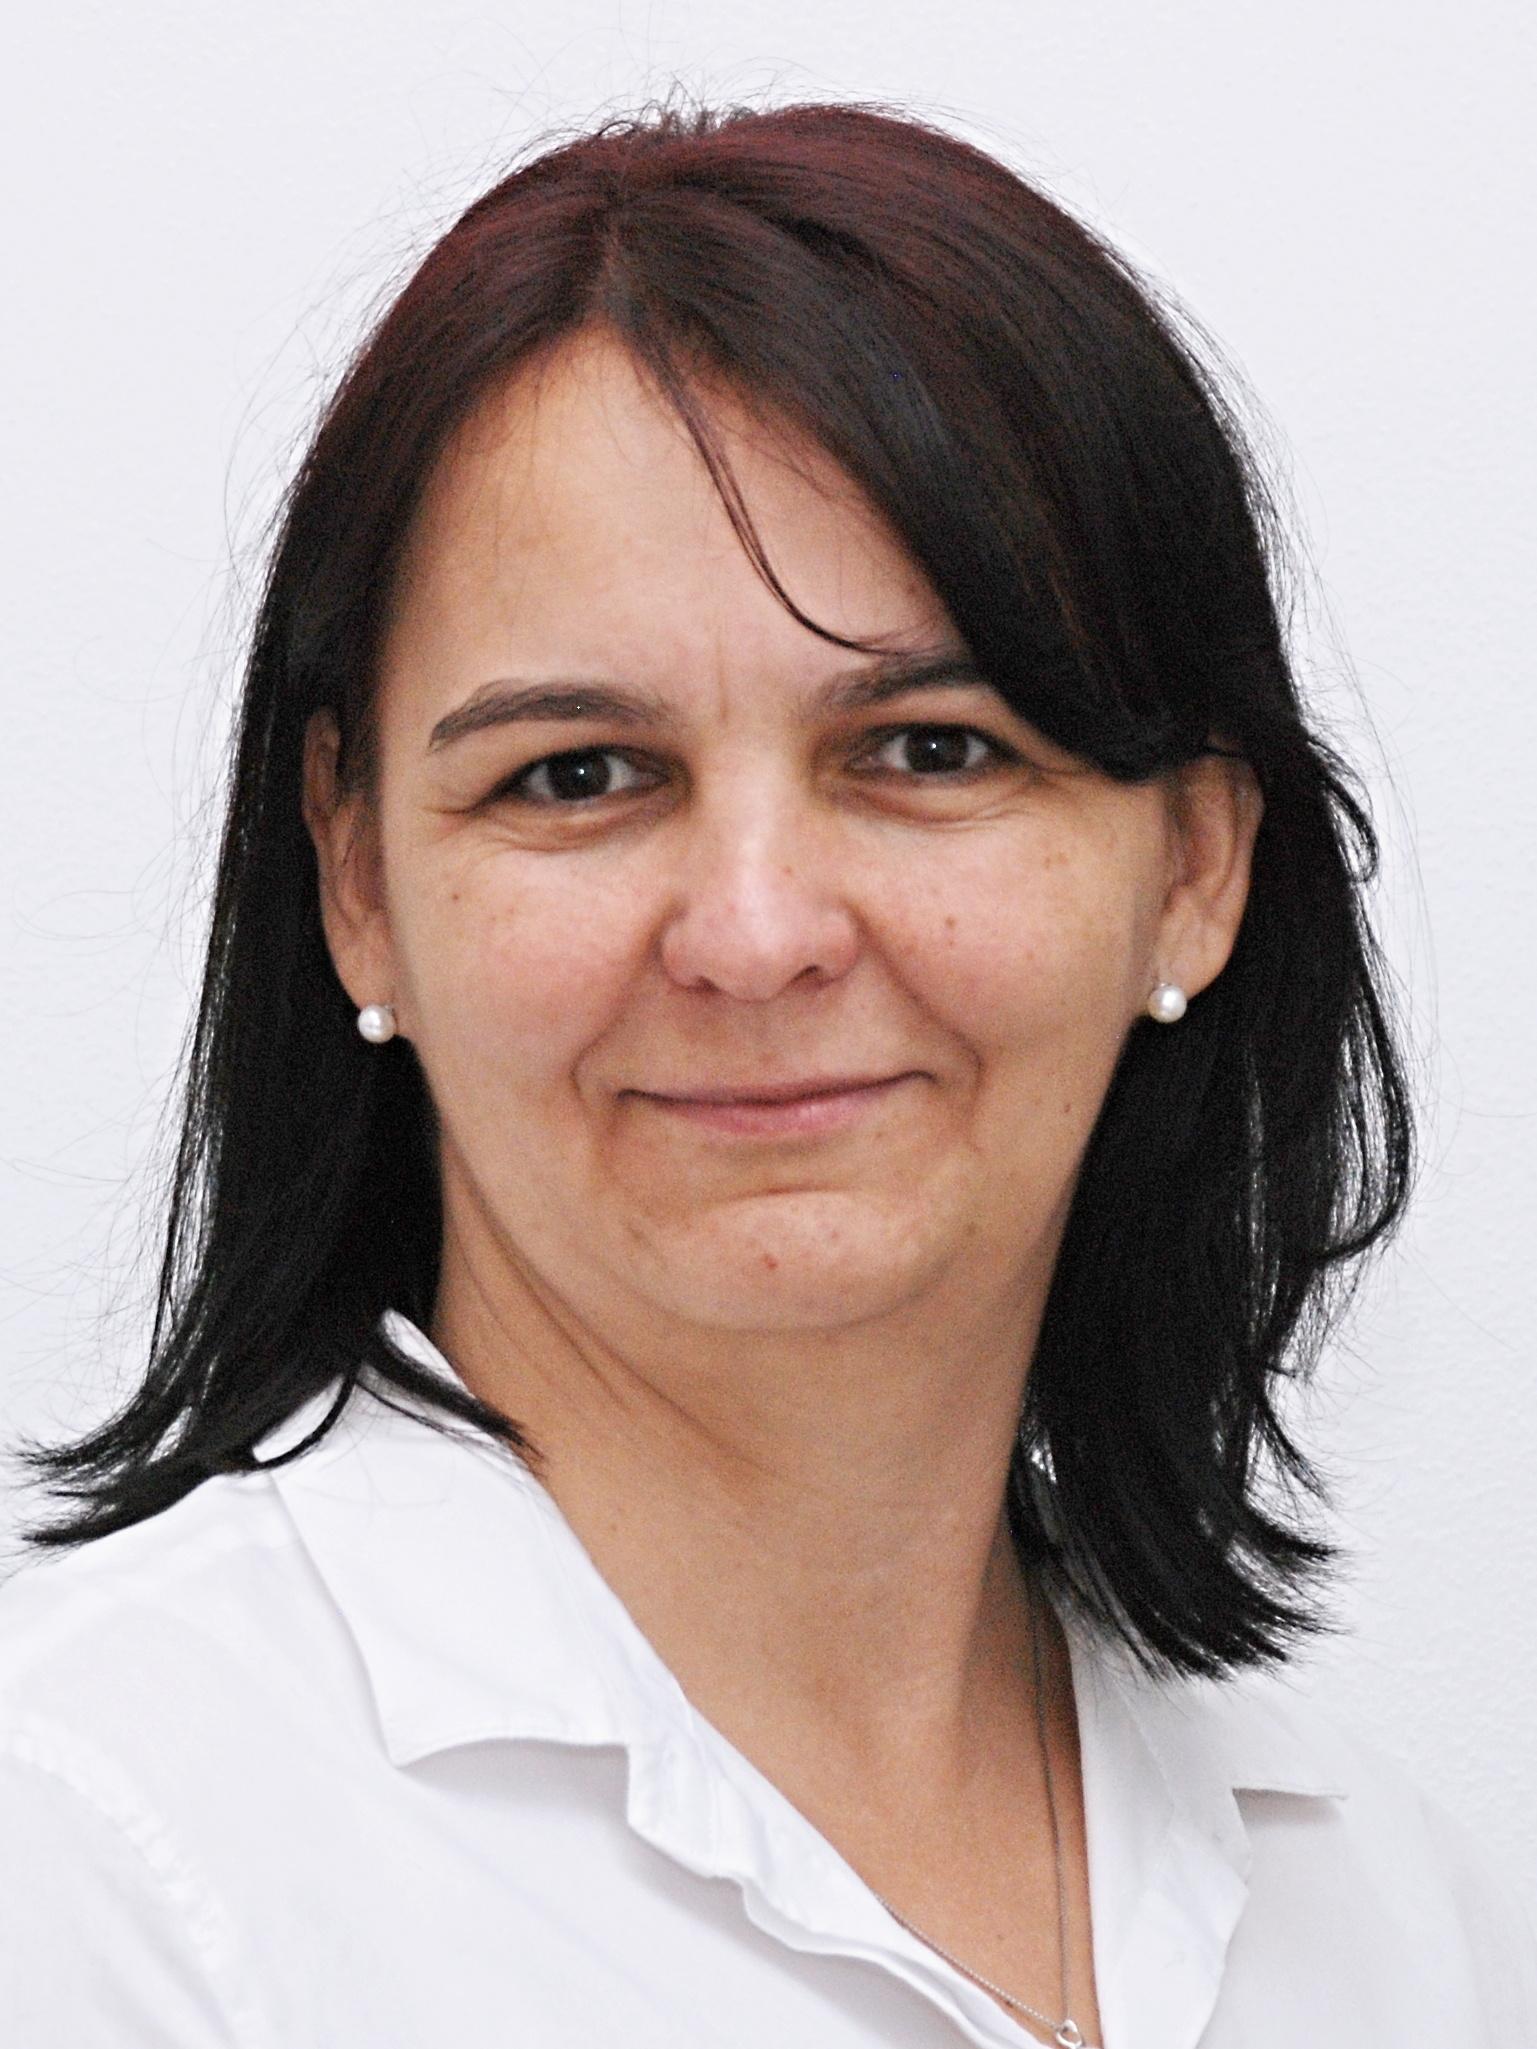 Bc. Kateřina Holčáková